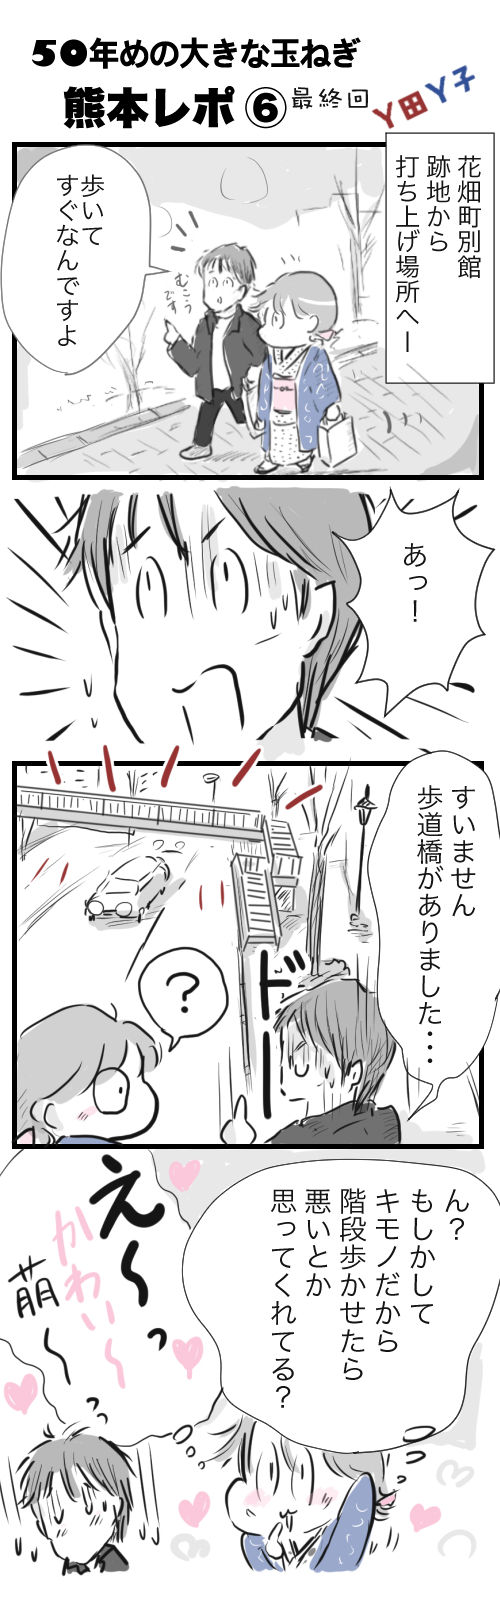 熊本レポ6−1−1